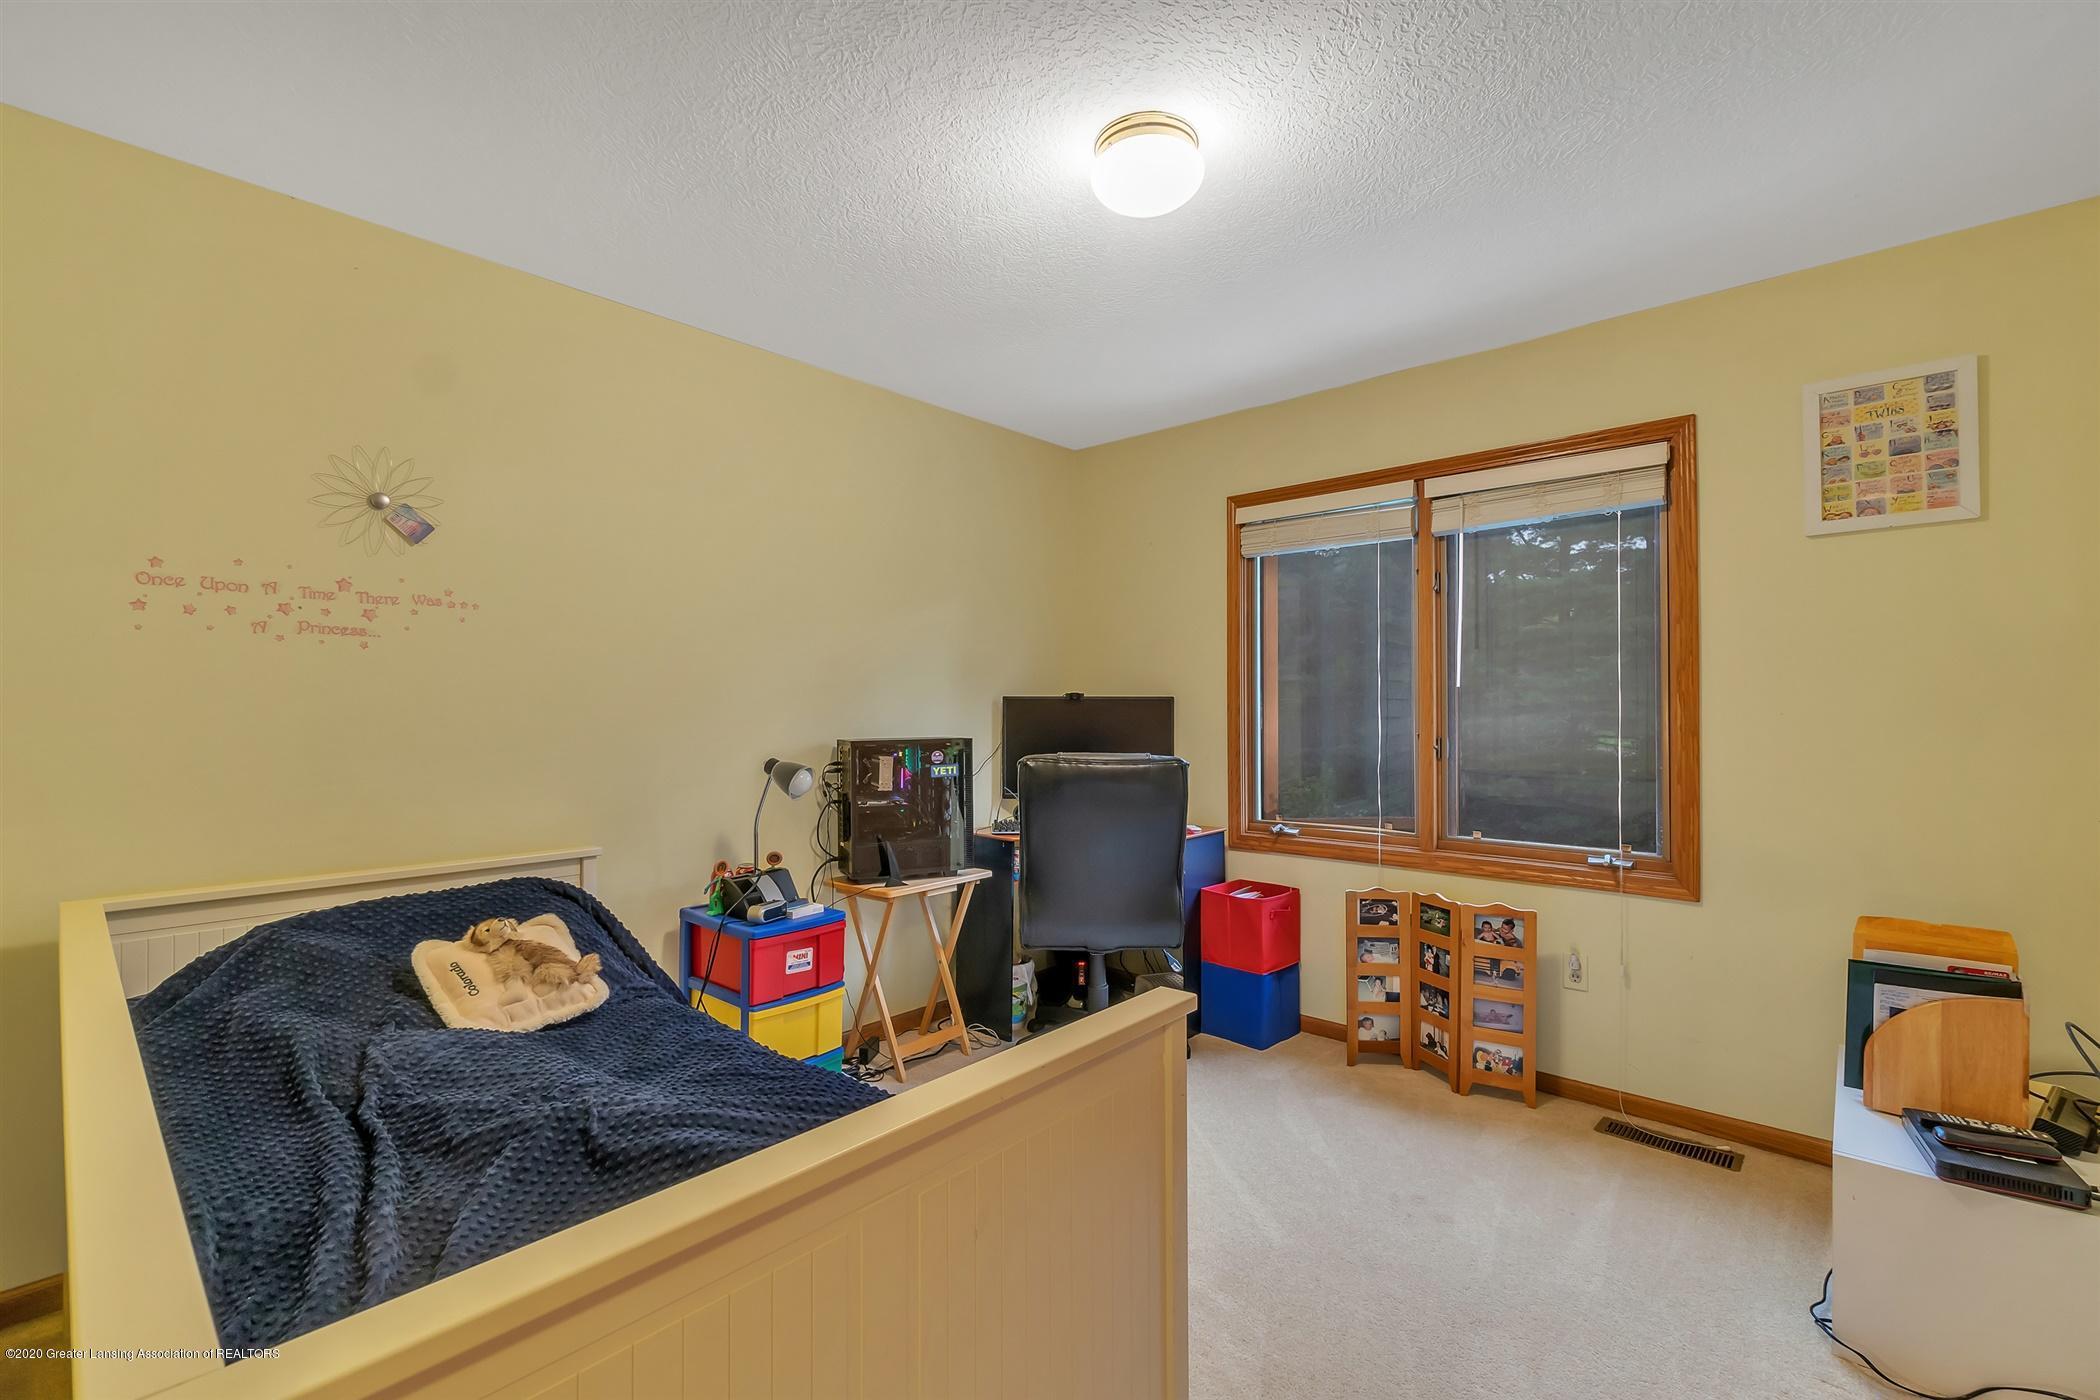 11910 Schavey Rd - 40-11910 Schavey Rd.-windowstill-re - 40